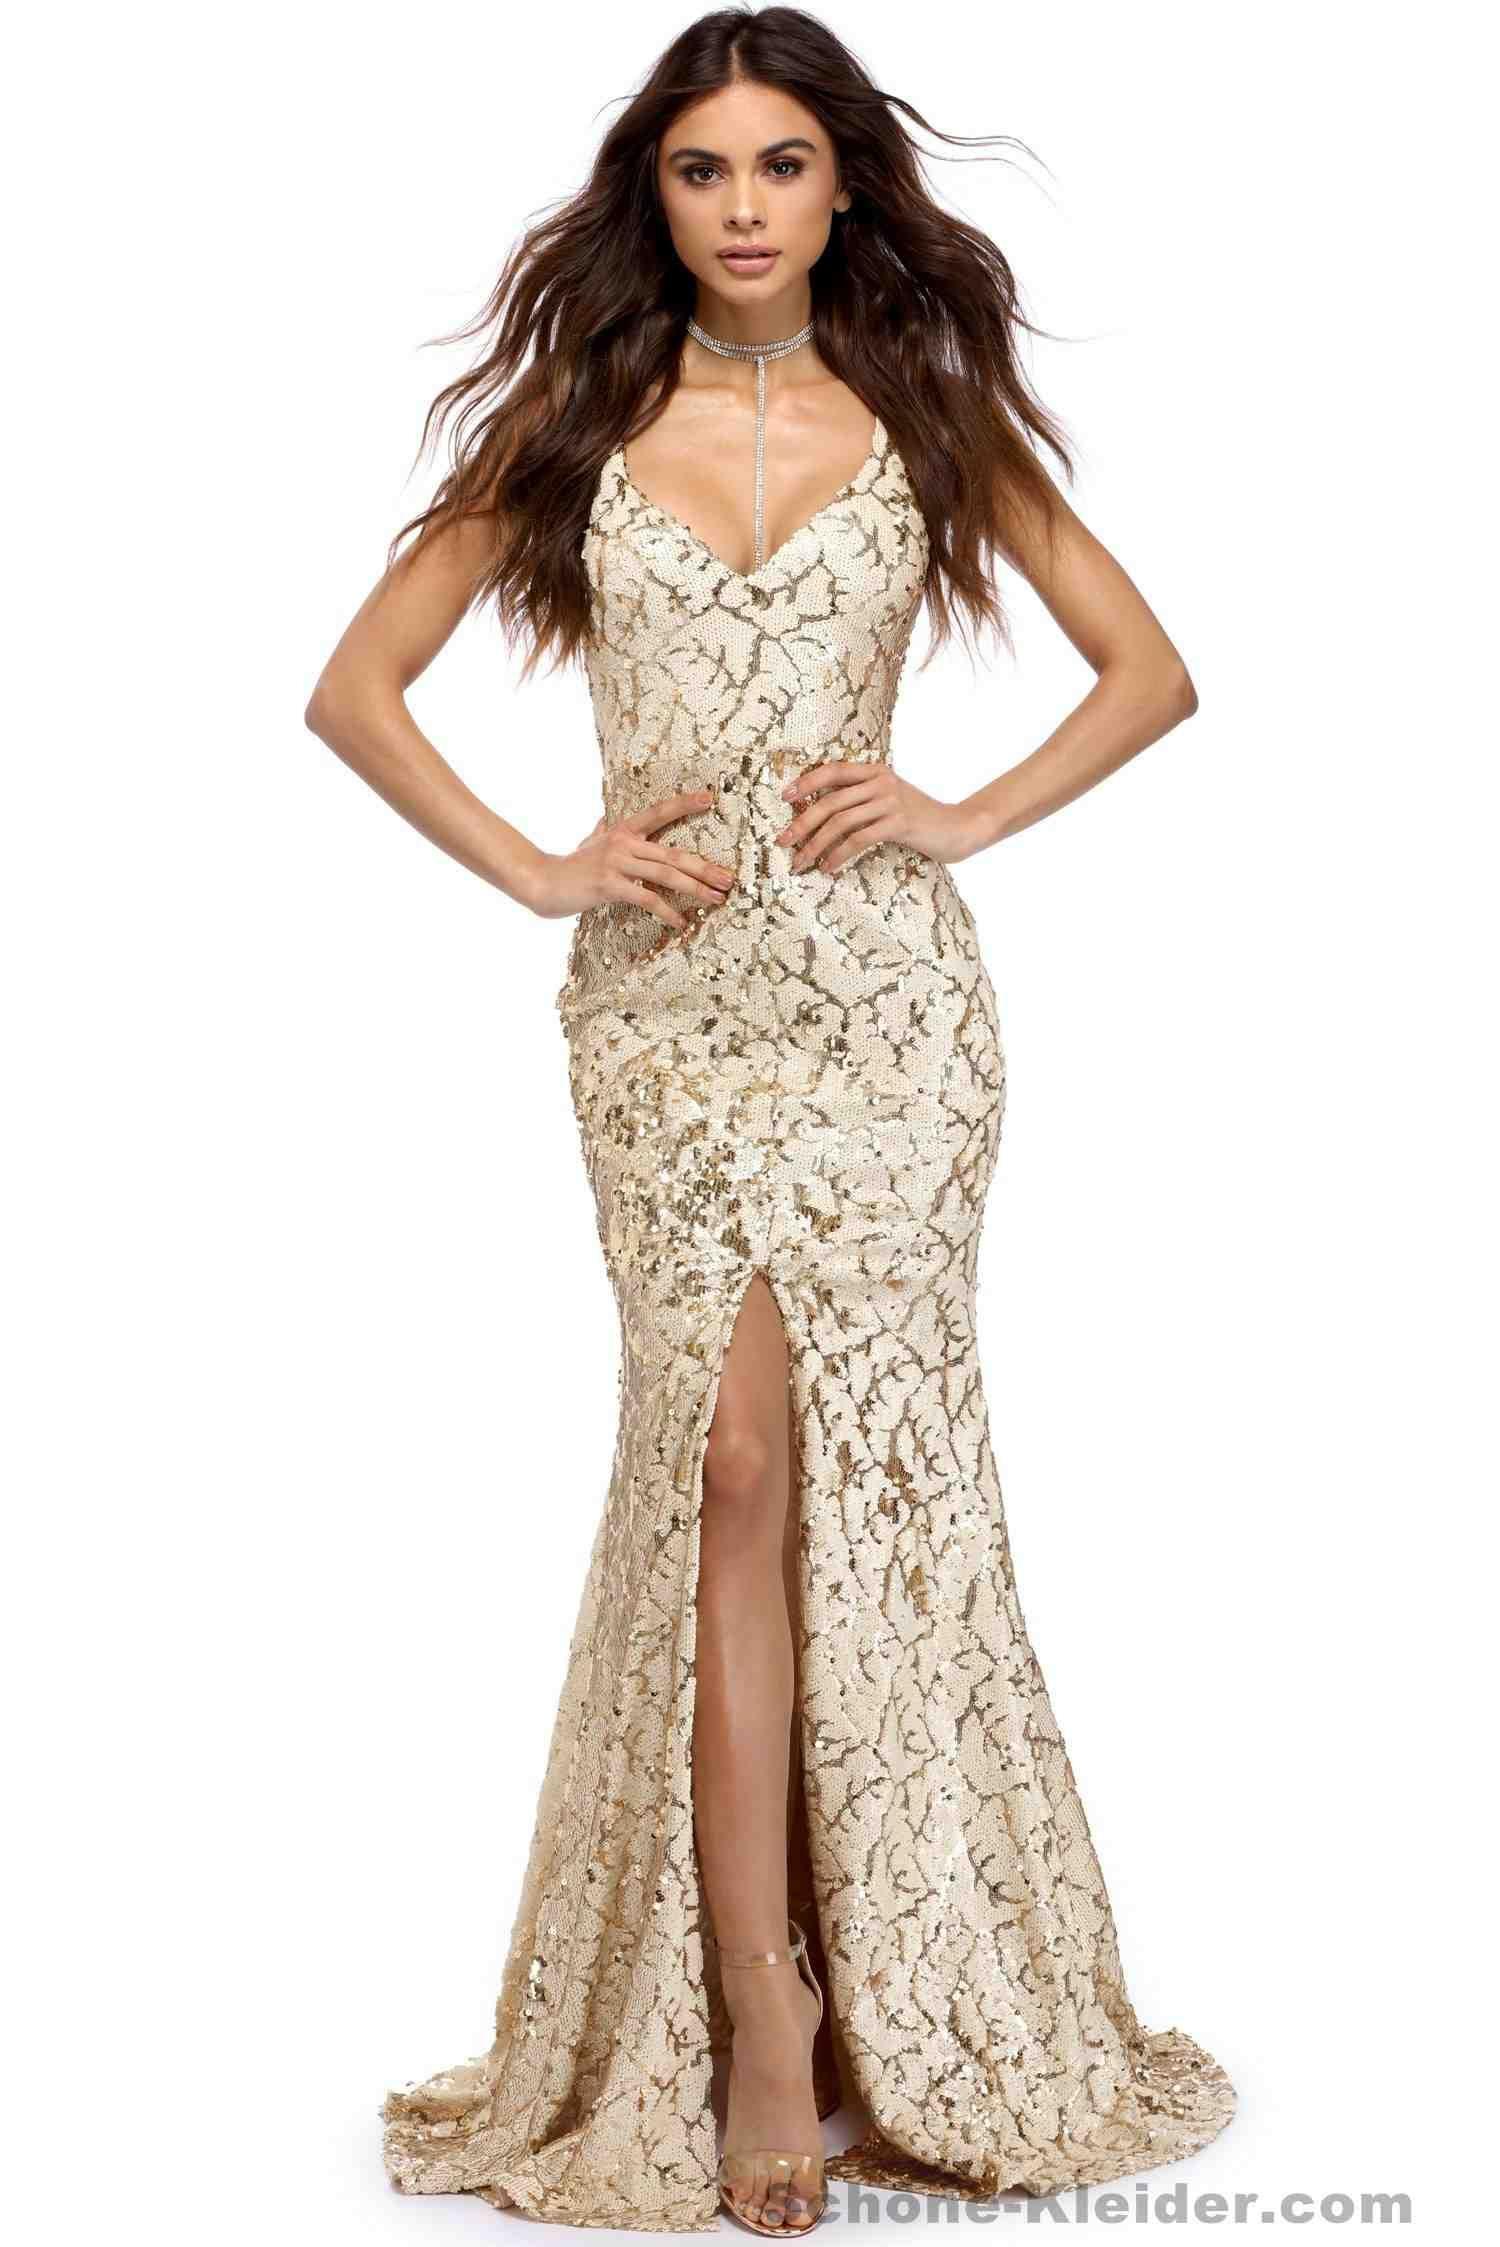 10 Erstaunlich Lange Elegante Abendkleider Boutique10 Ausgezeichnet Lange Elegante Abendkleider Vertrieb